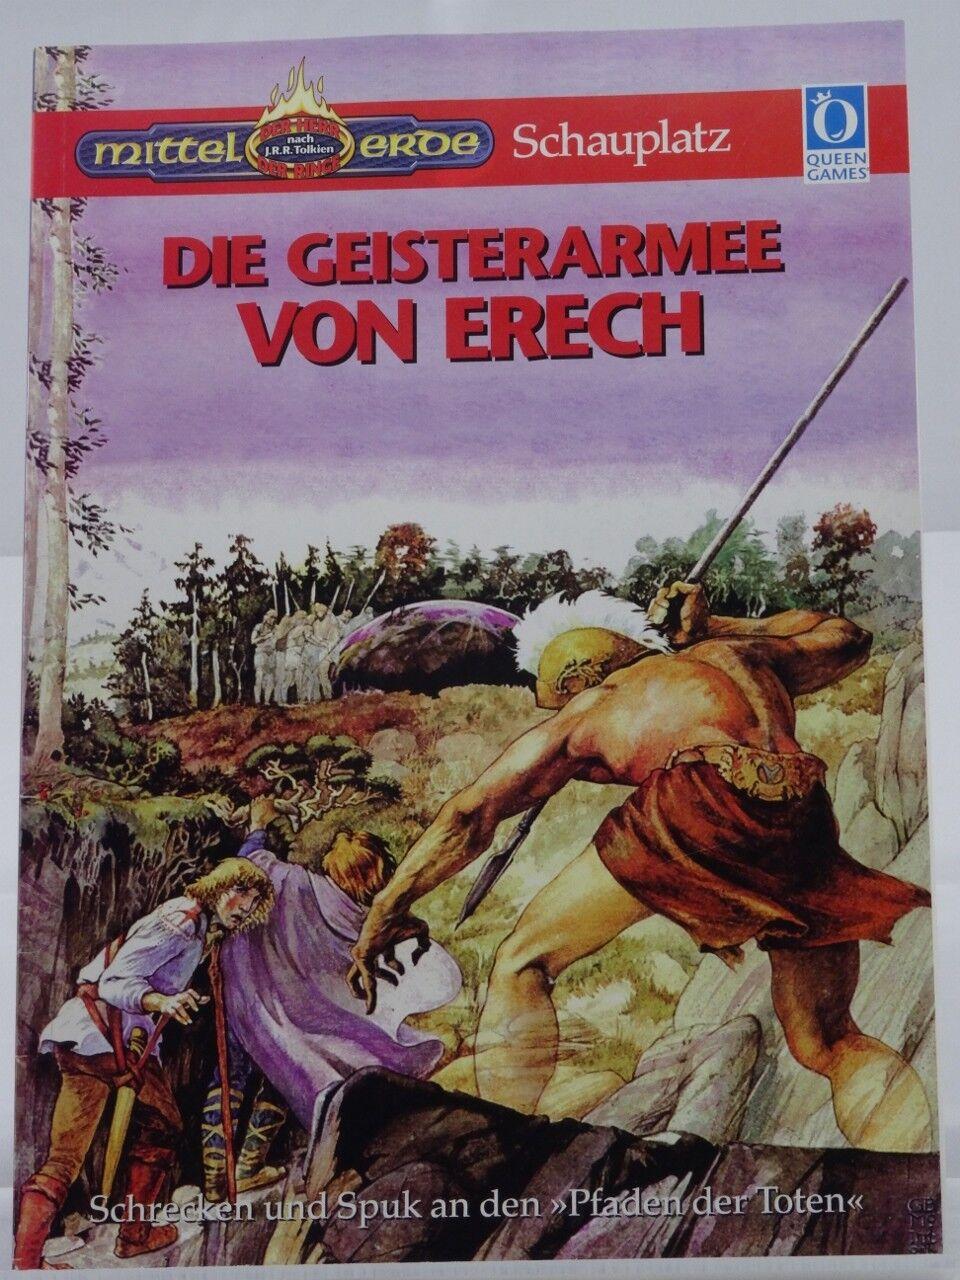 MERS - Die Geisterarmee von Erech - (Queen Games, Mittelerde) 101001002